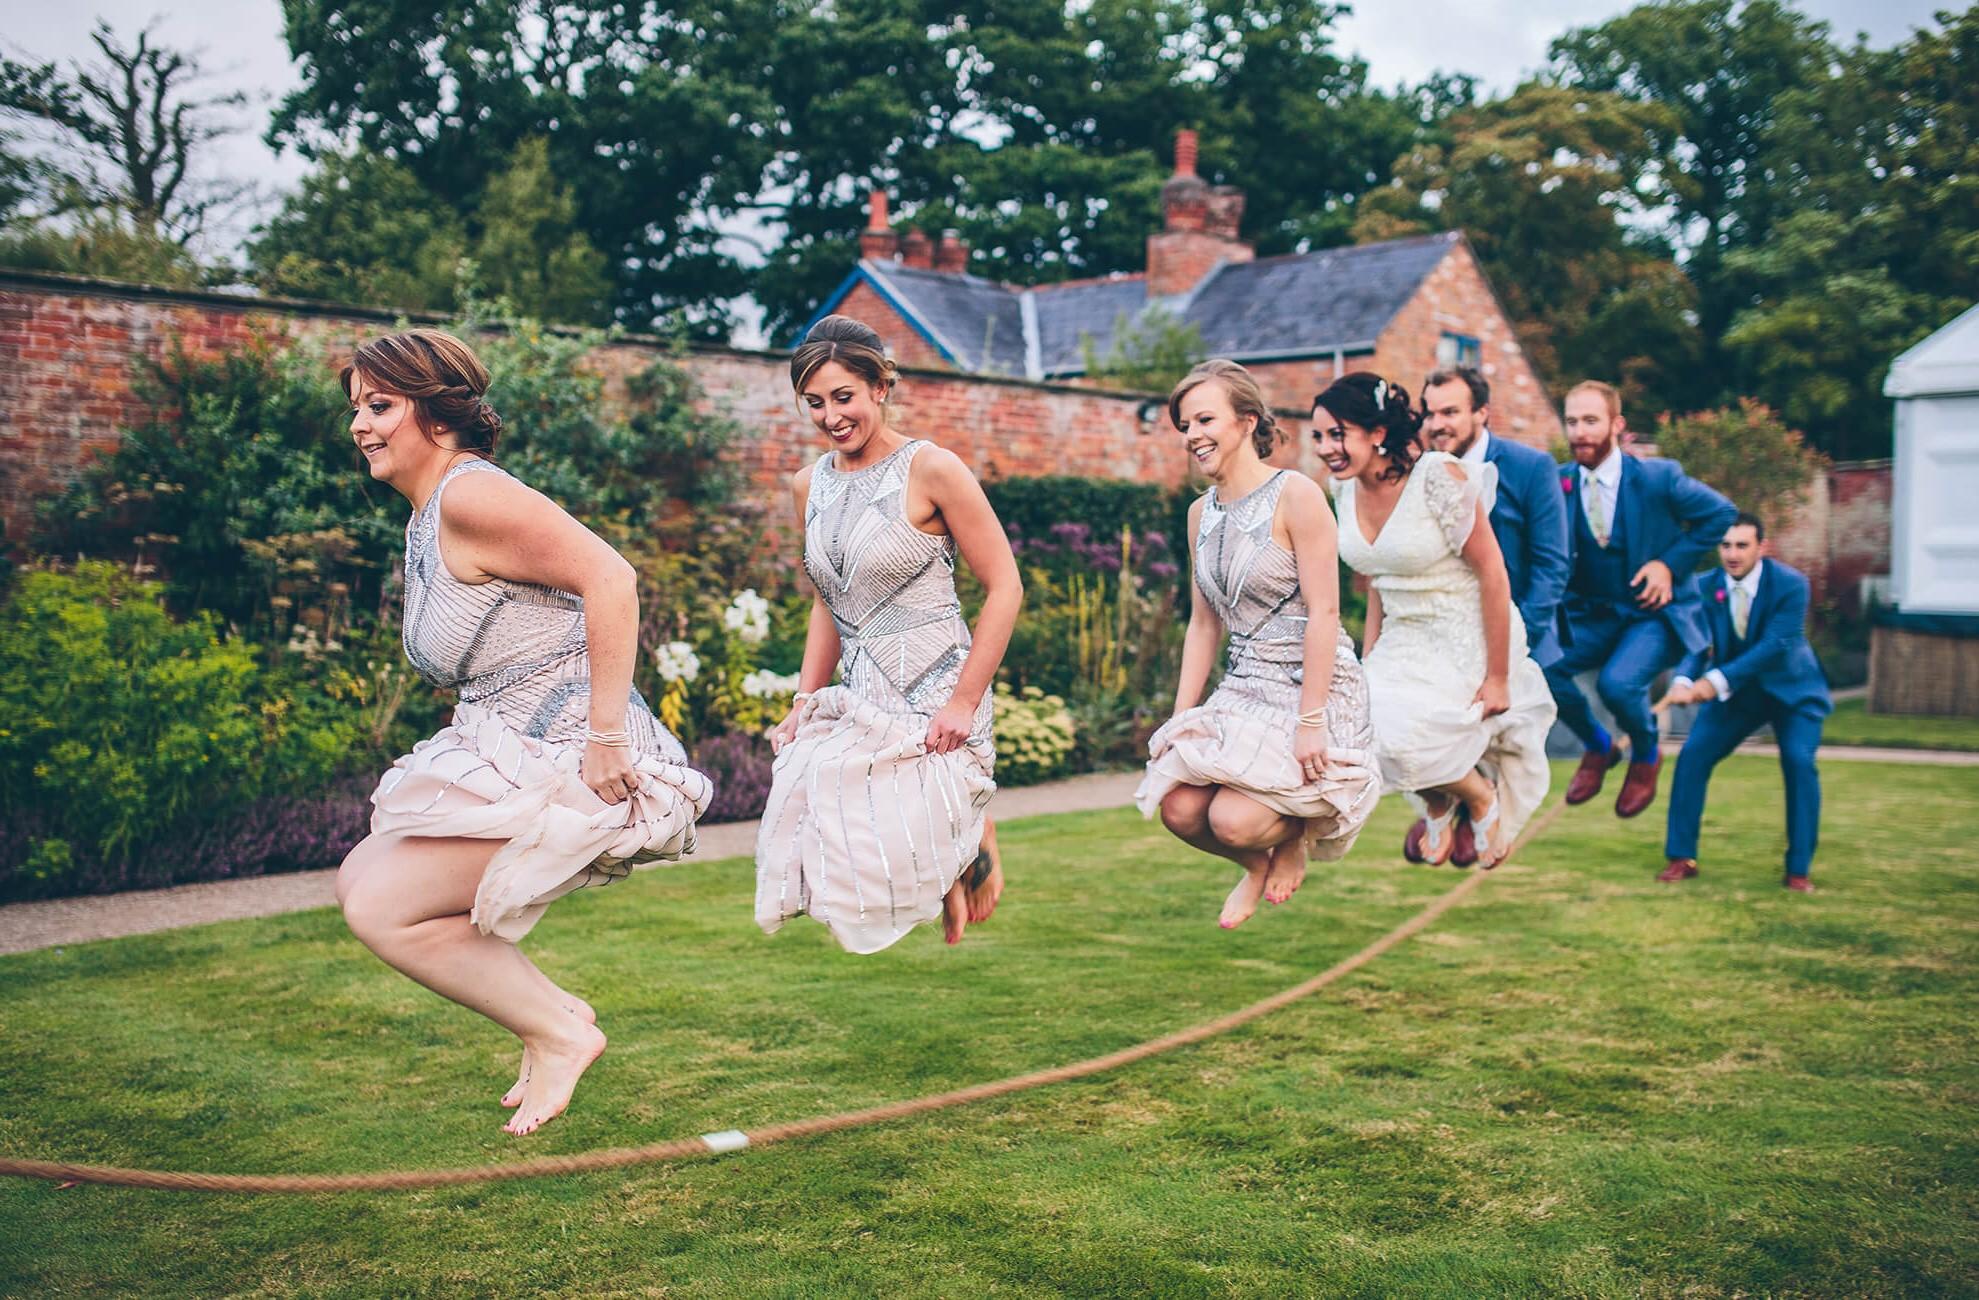 Jeux de mariage rigolo: corde à sauter.